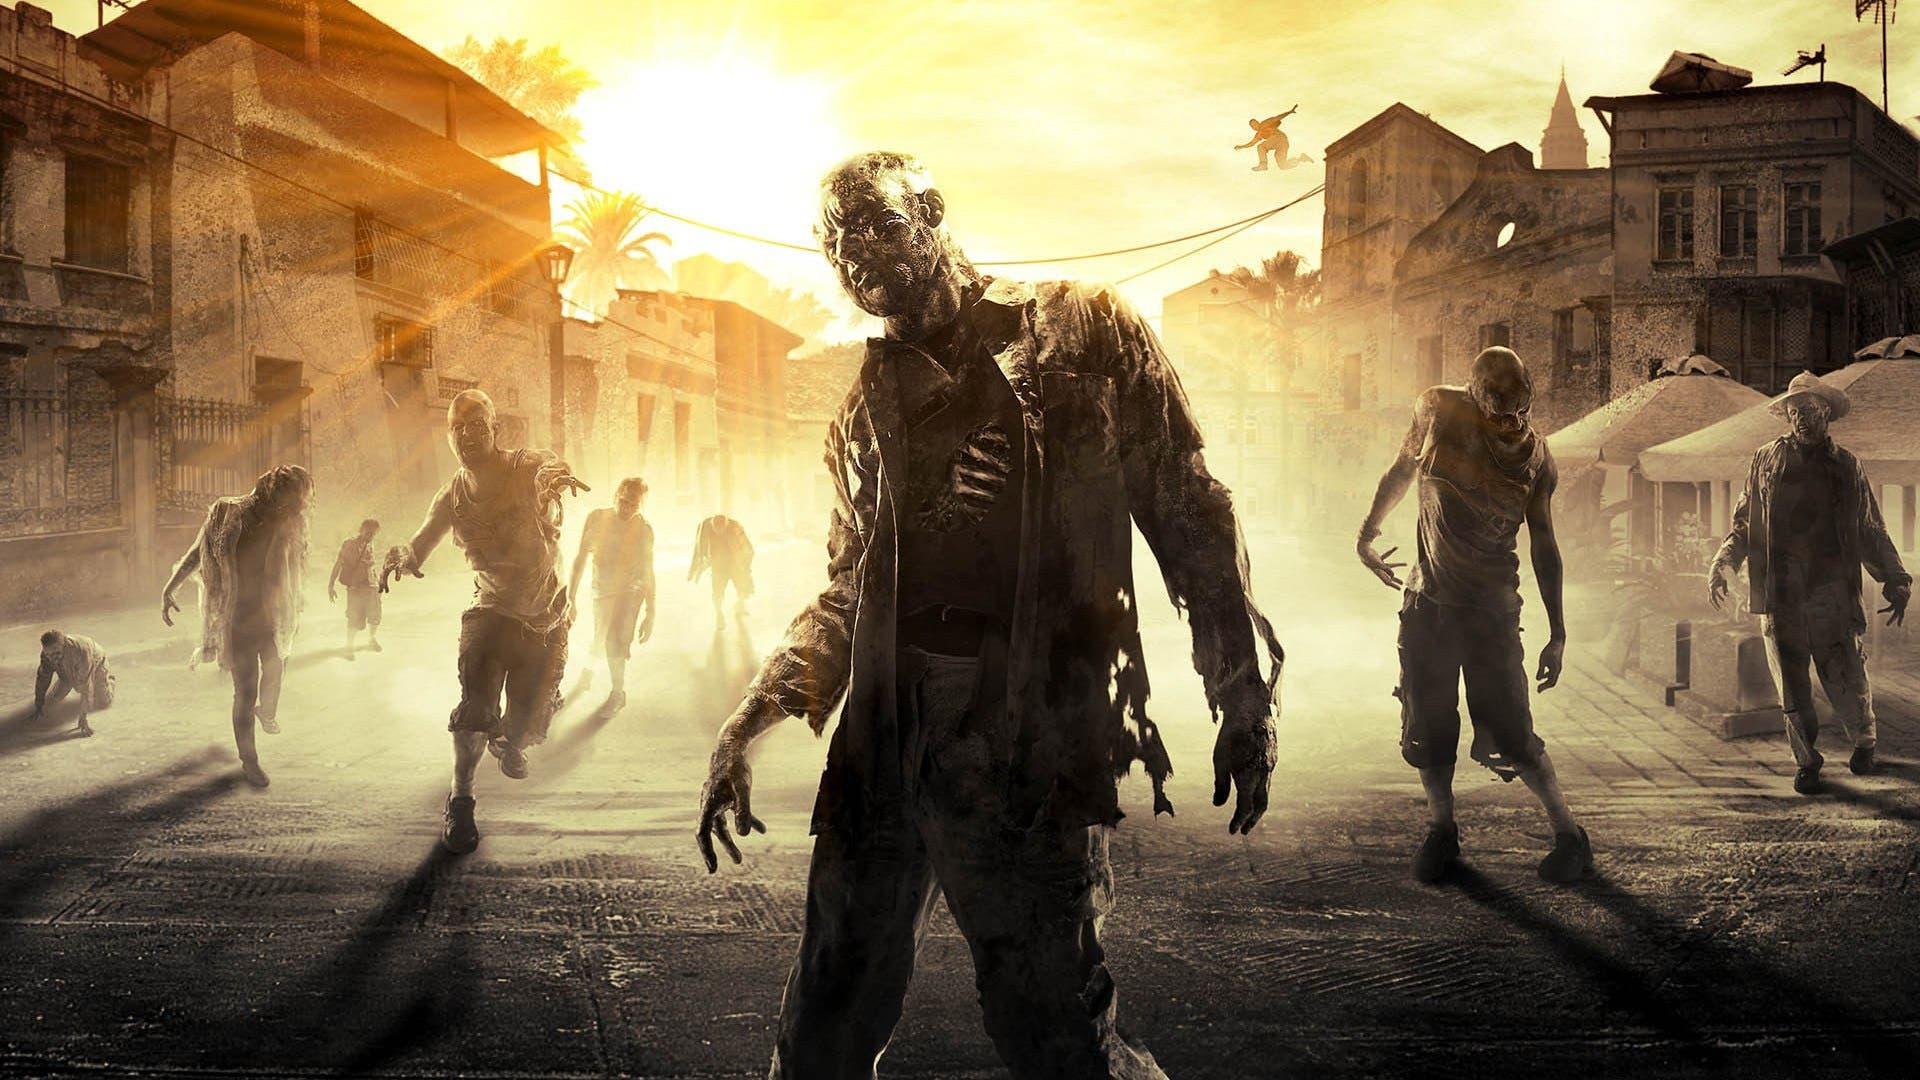 ¿Cuáles serán los nuevos juegos de Xbox Game Pass de febrero? Los fans opinan 4